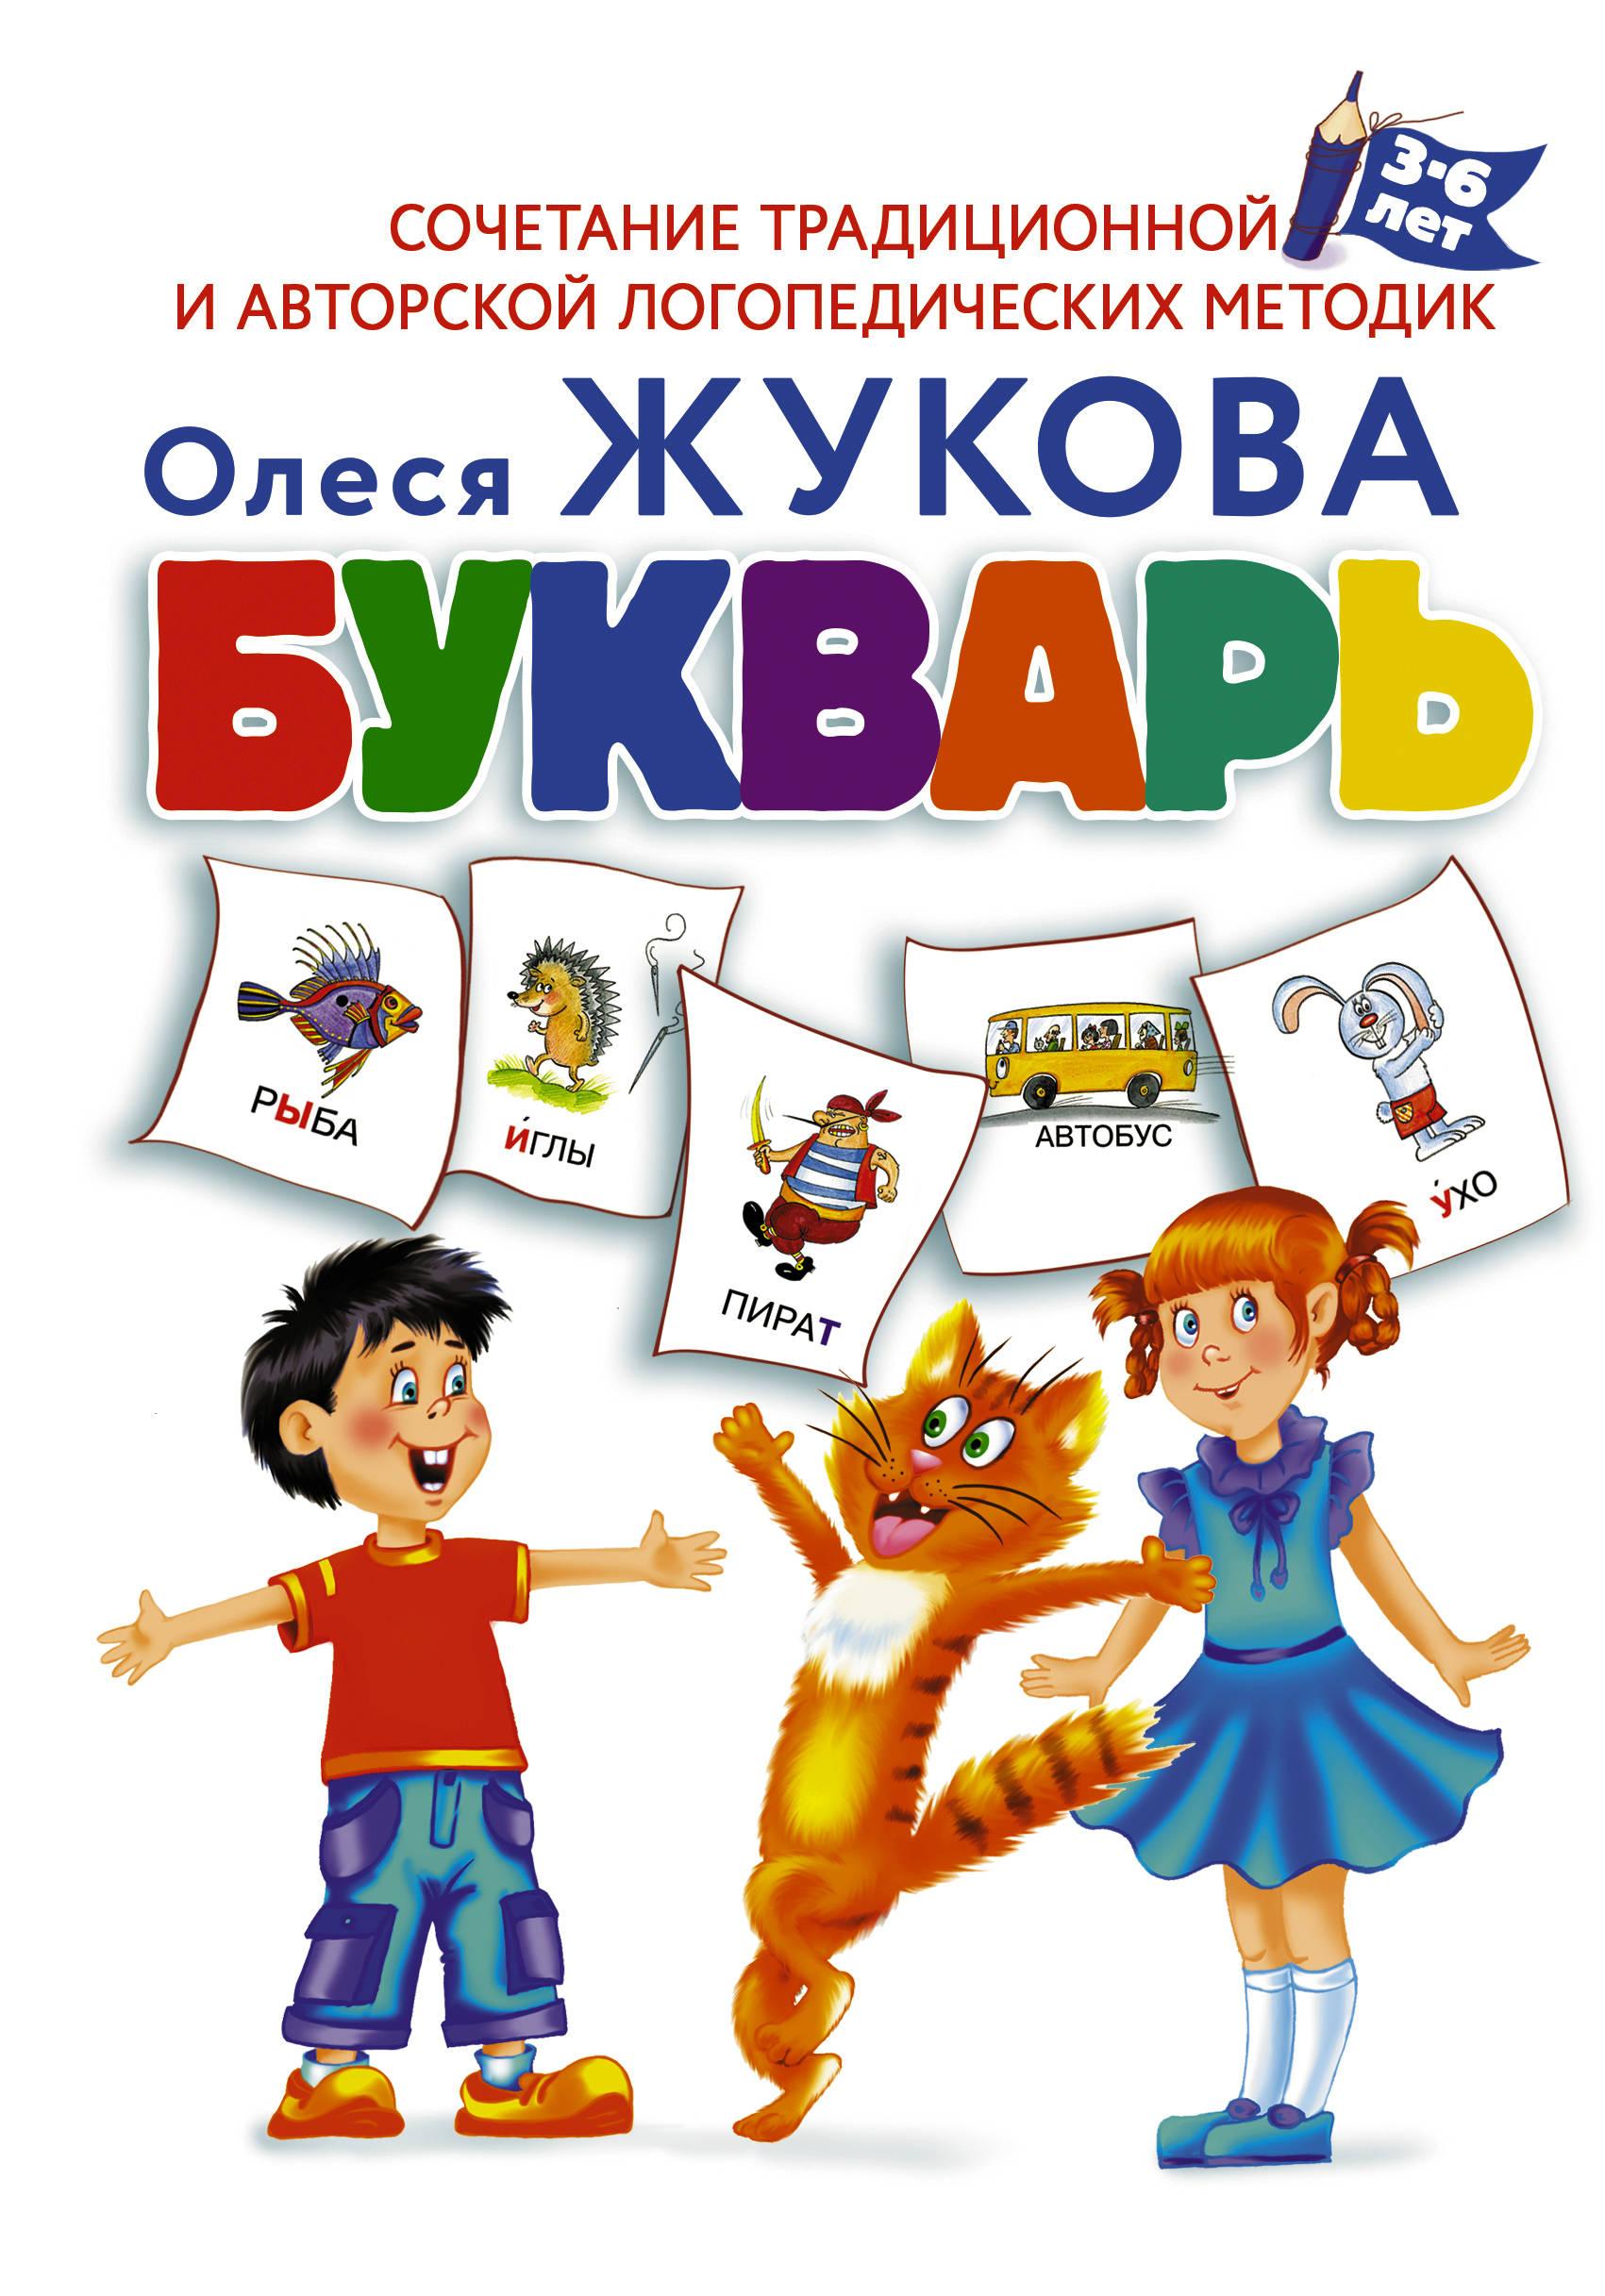 Олеся Жукова Букварь уроки чтения камасутра книжника